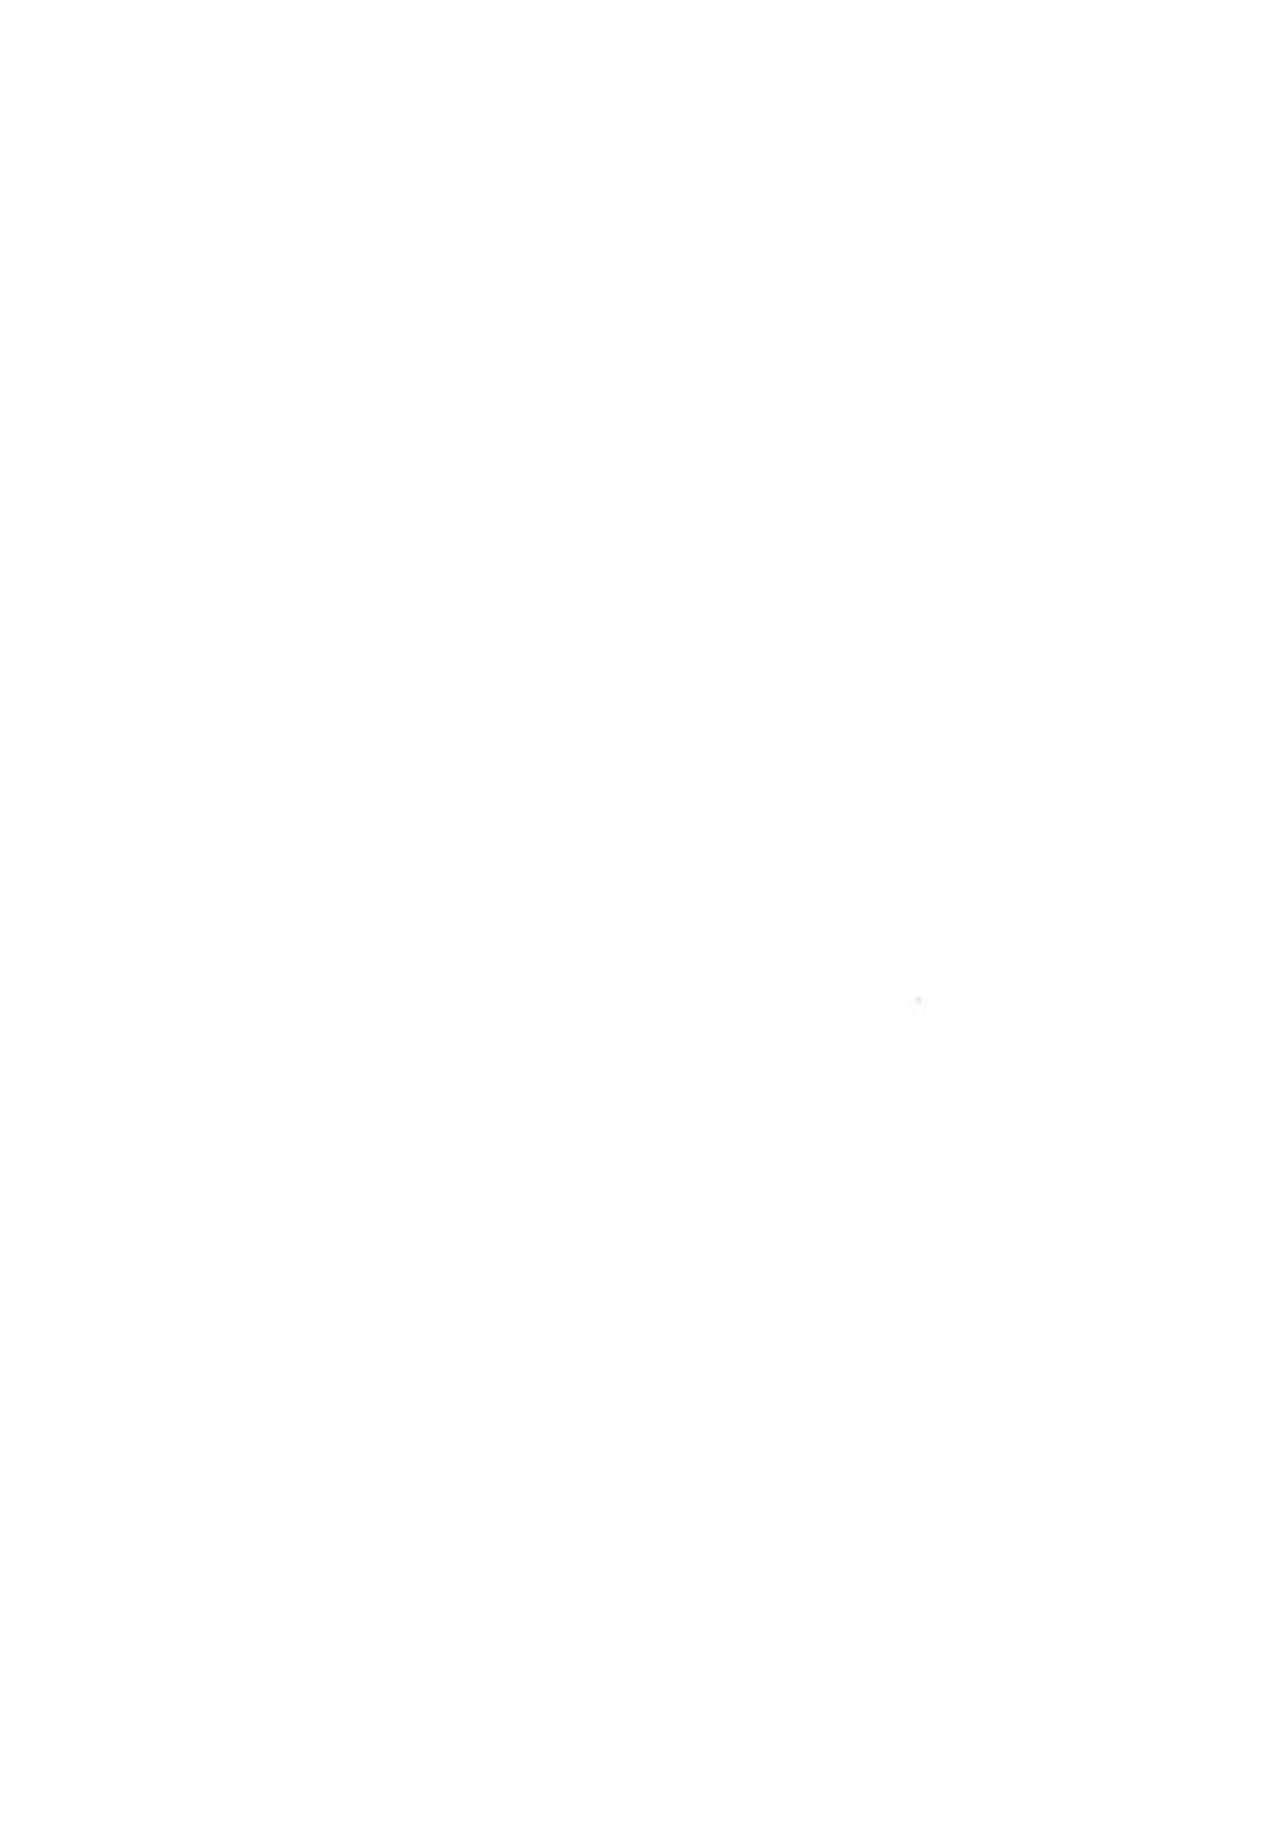 (C95) [Shirotsumekusa (Nozawa Yukiko)] Karakai Onee-san ga Kaeriuchi ni Au Hon   The book where the teasing onee-san gets it back [English] [Shinmei] 26